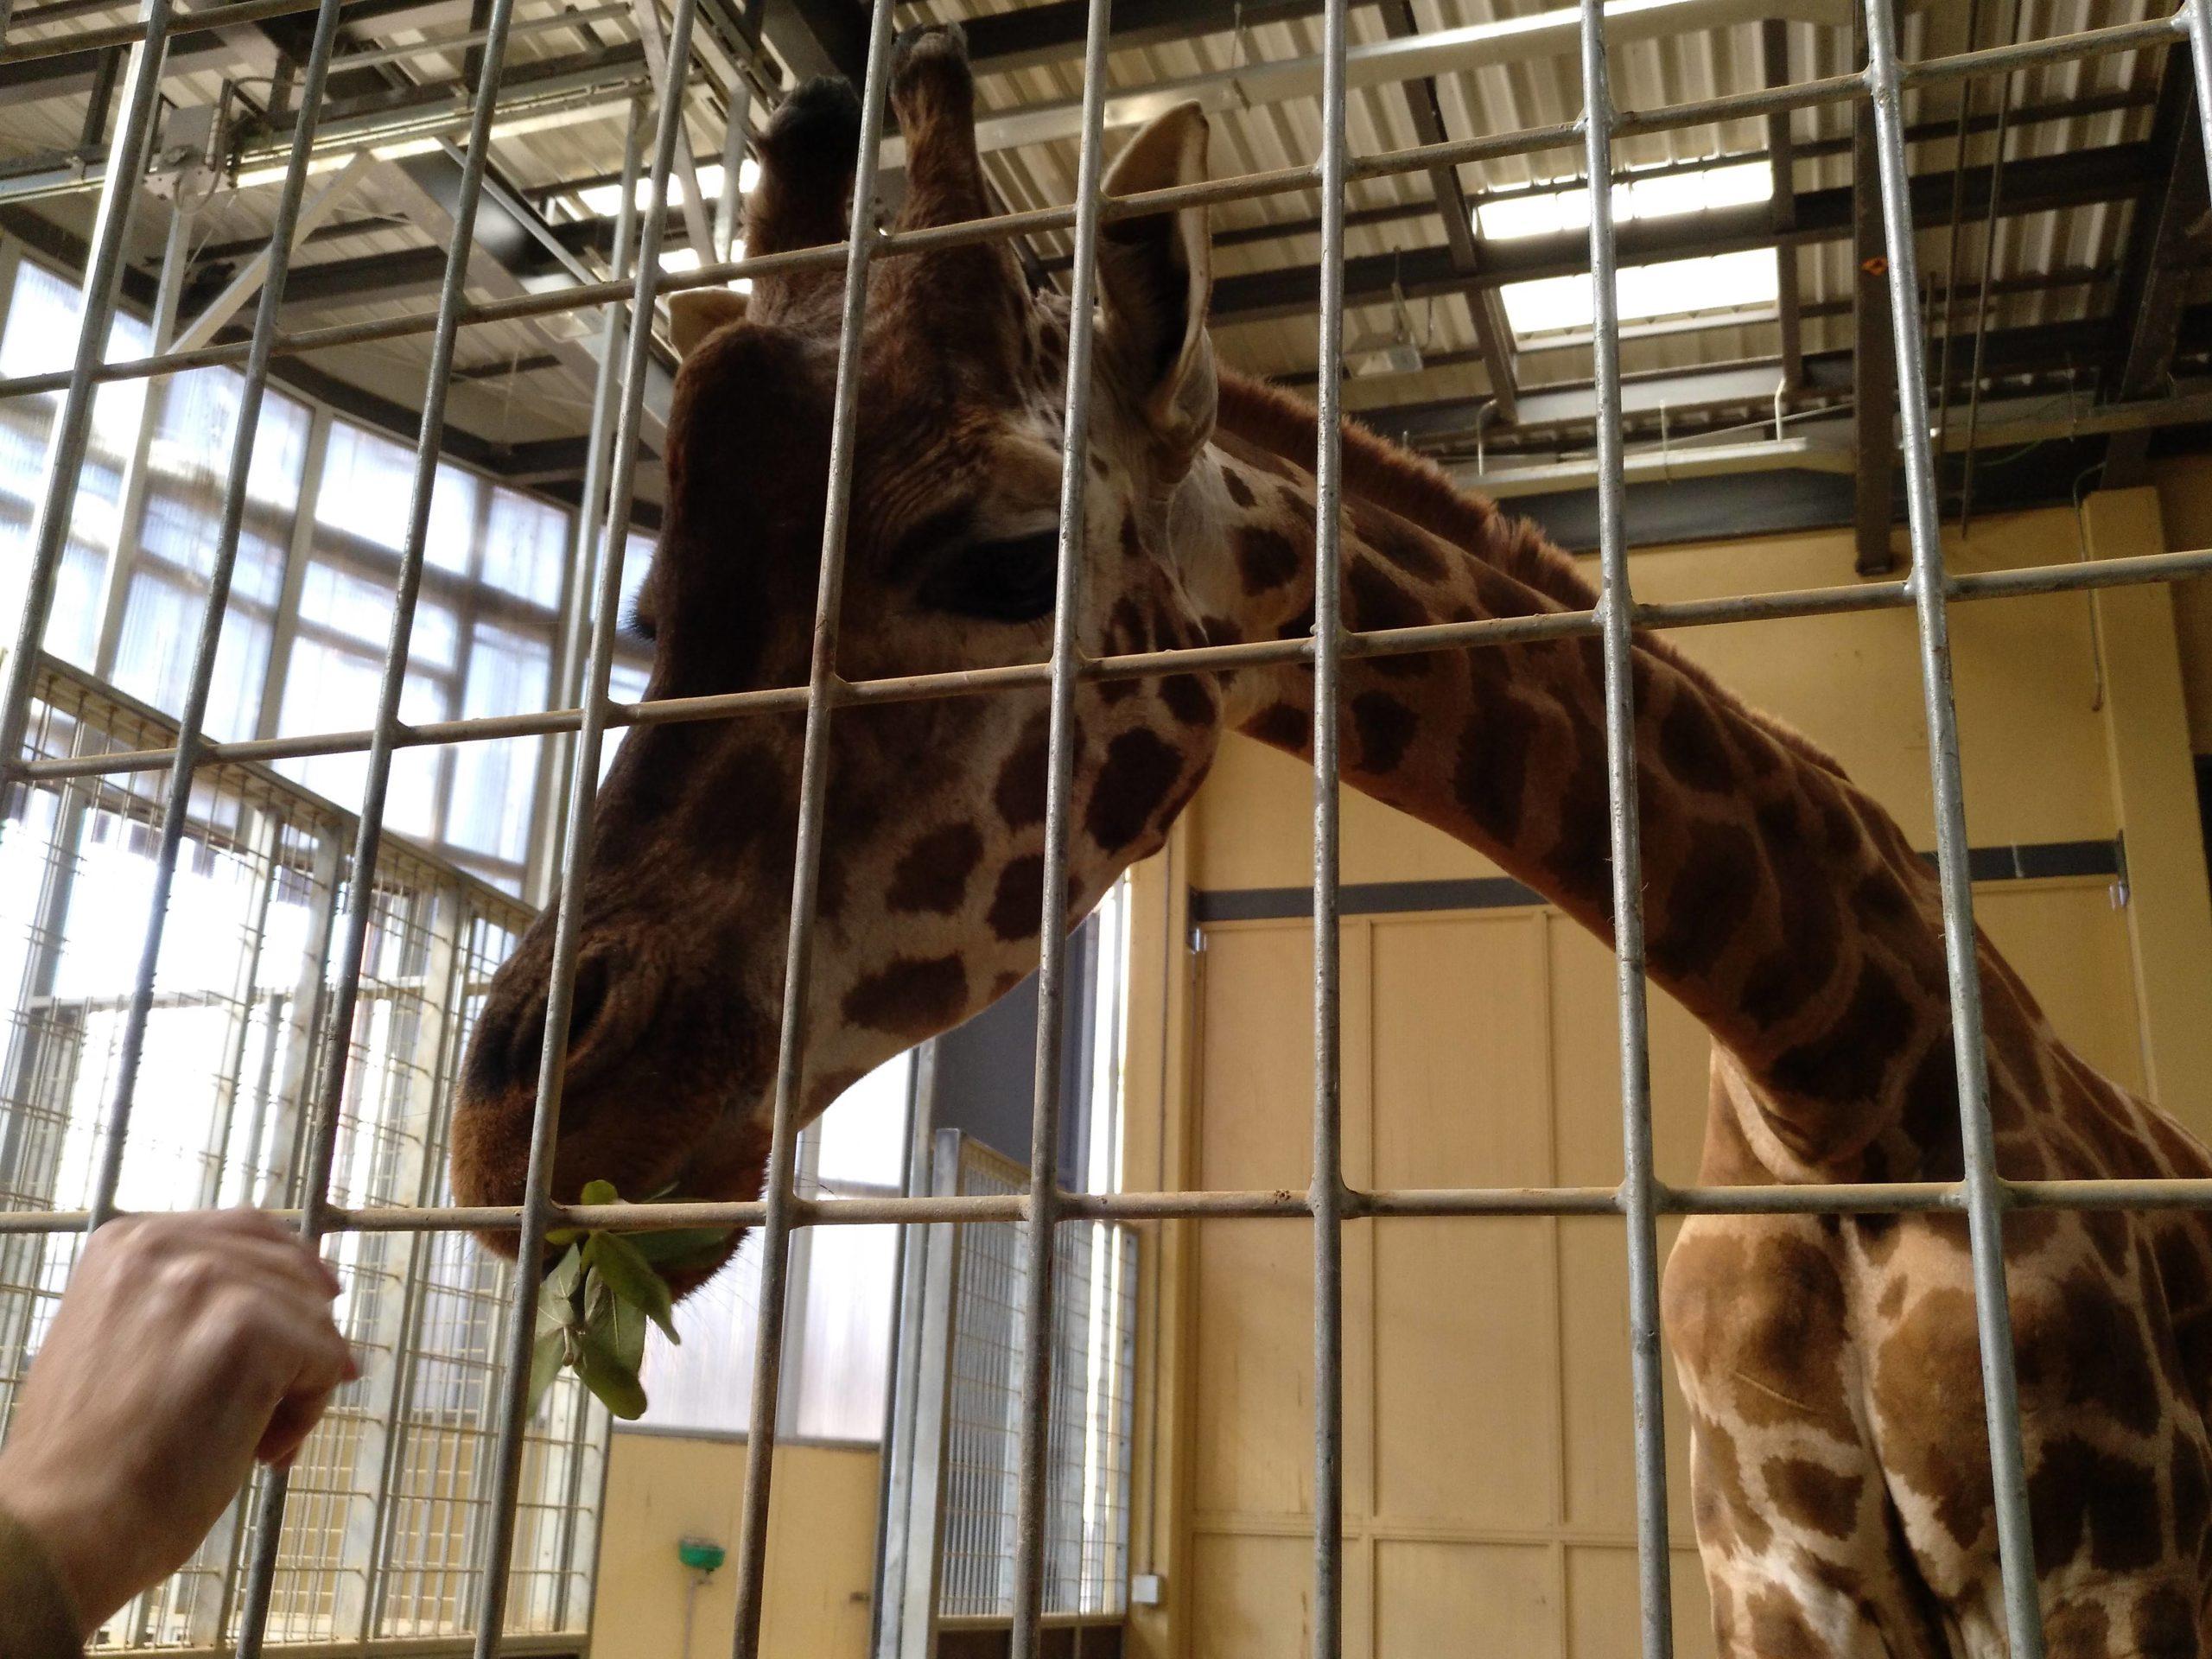 Una de les girafes del Zoo de Barcelona, alimentada per un visitant / Meritxell M. Pauné